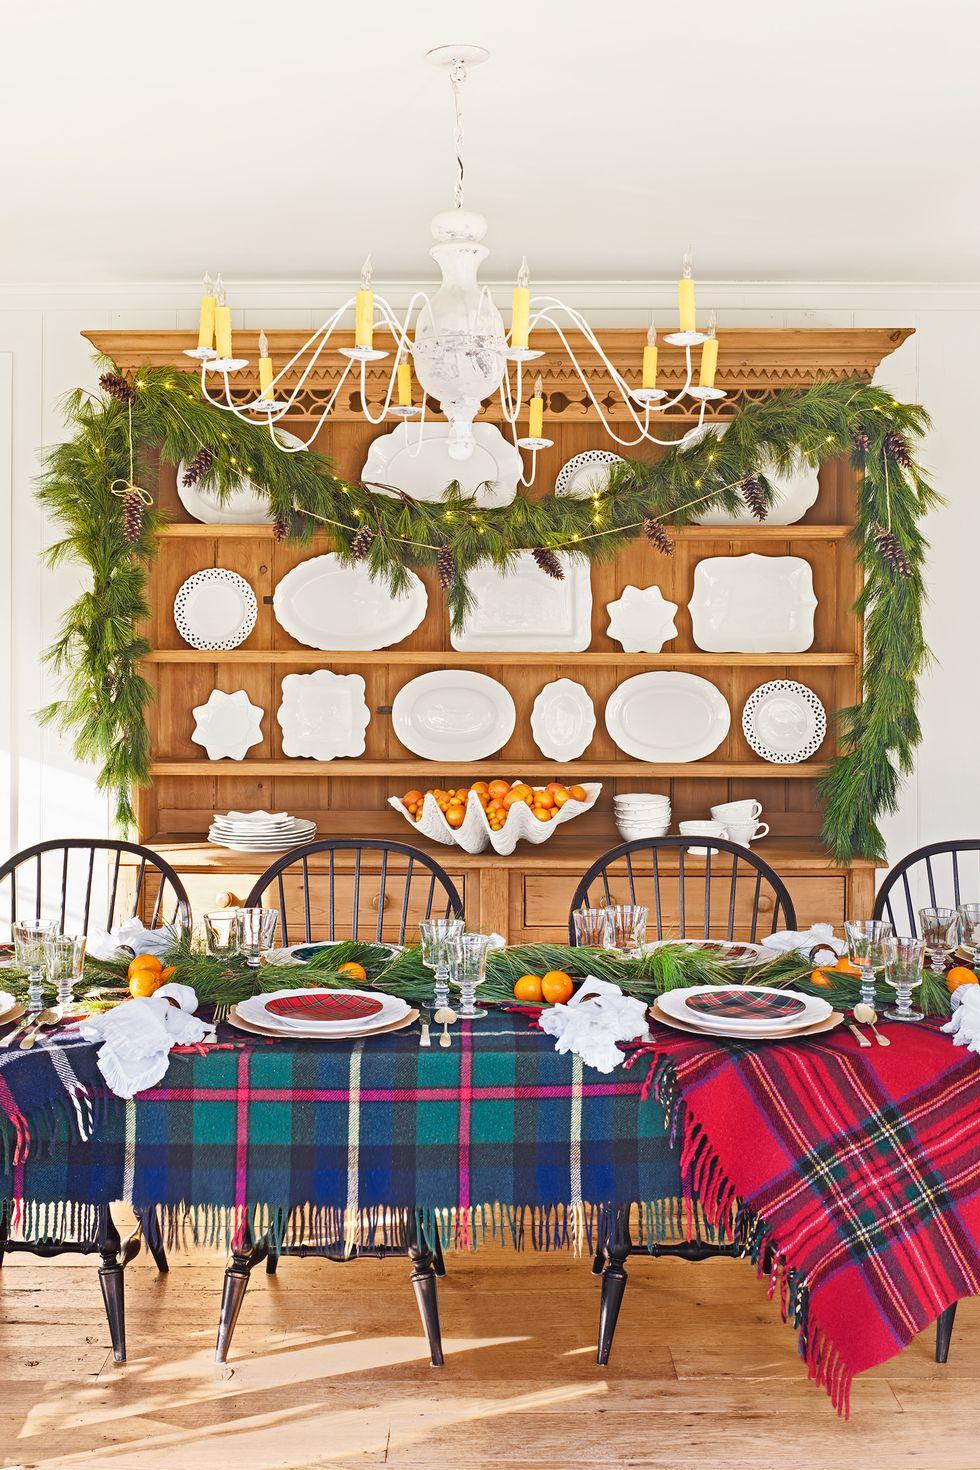 مدل میز زیبای ساده و کلاسیک مخصوص کریسمس 2020